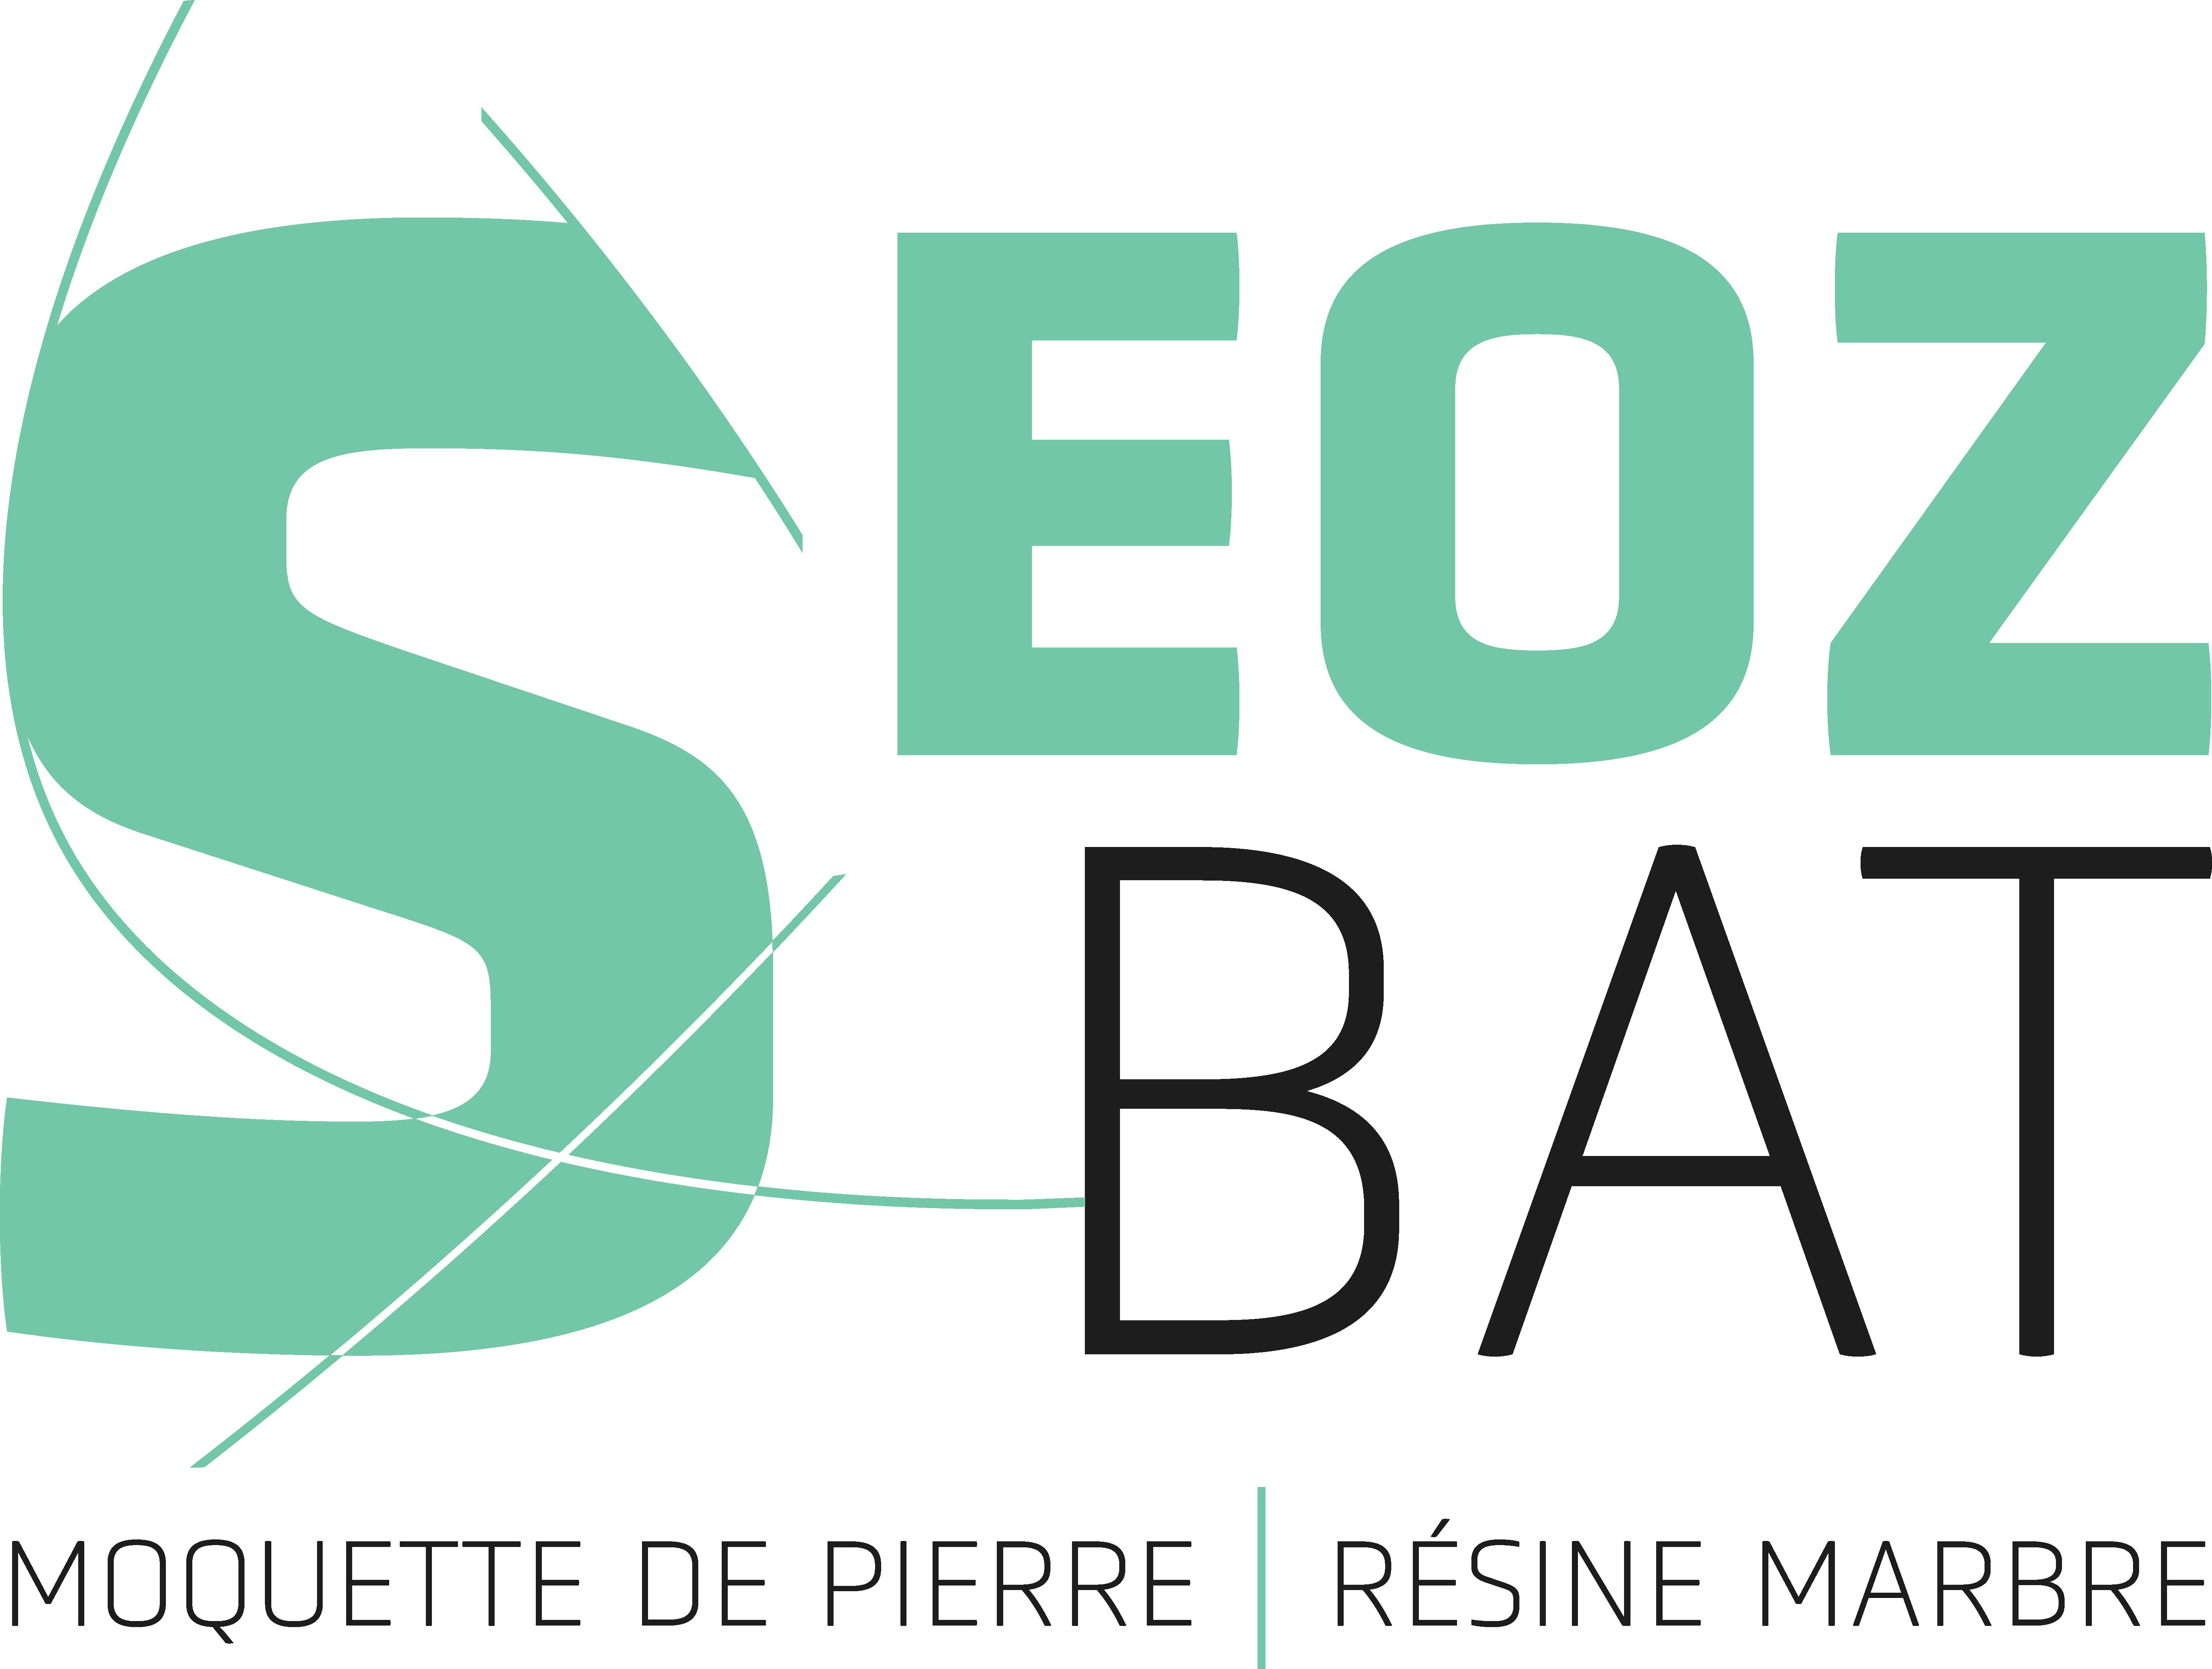 resine de marbre moquette de pierre logo Seoz Bat